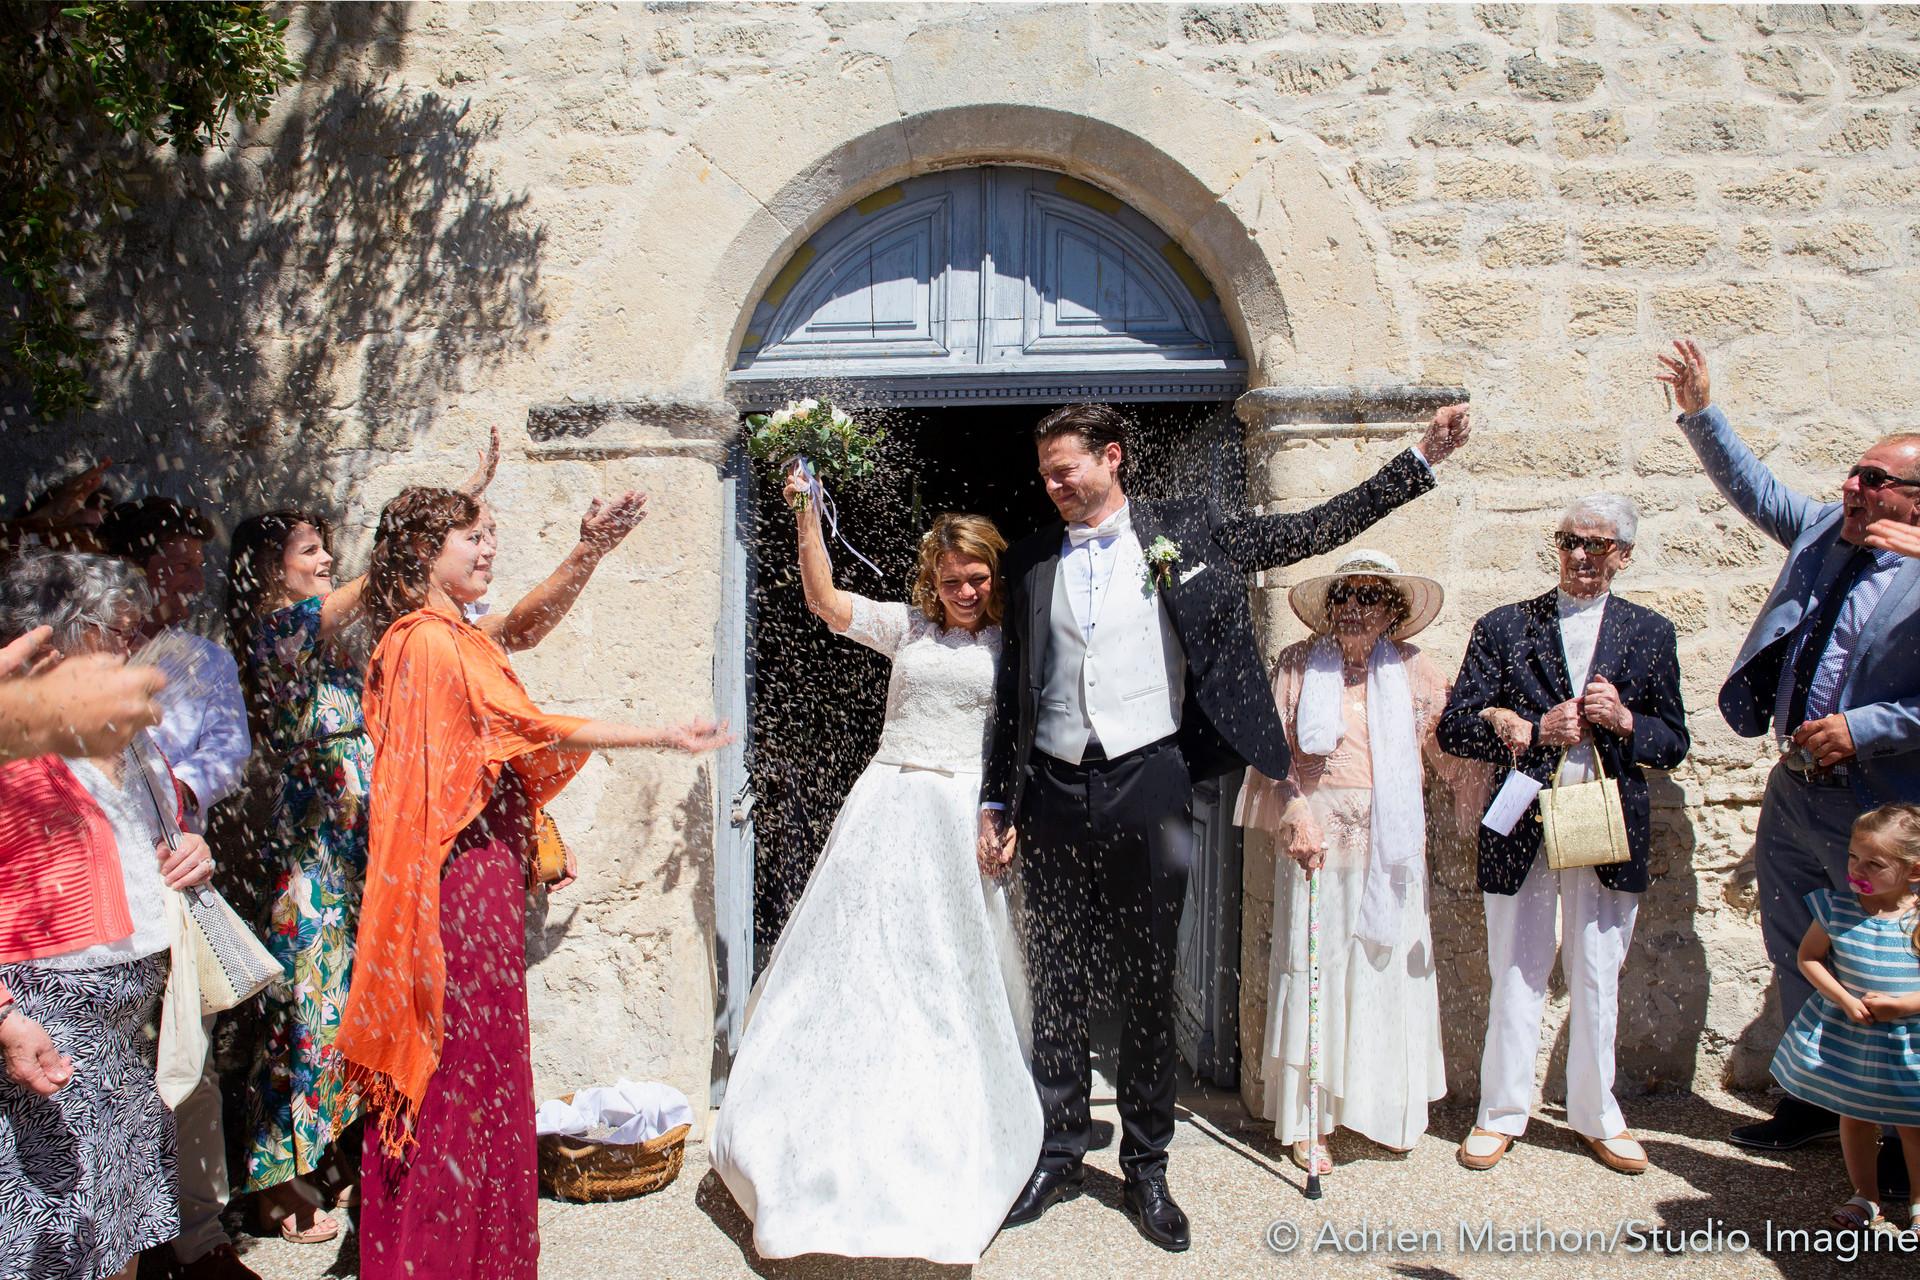 Félicitation aux mariés